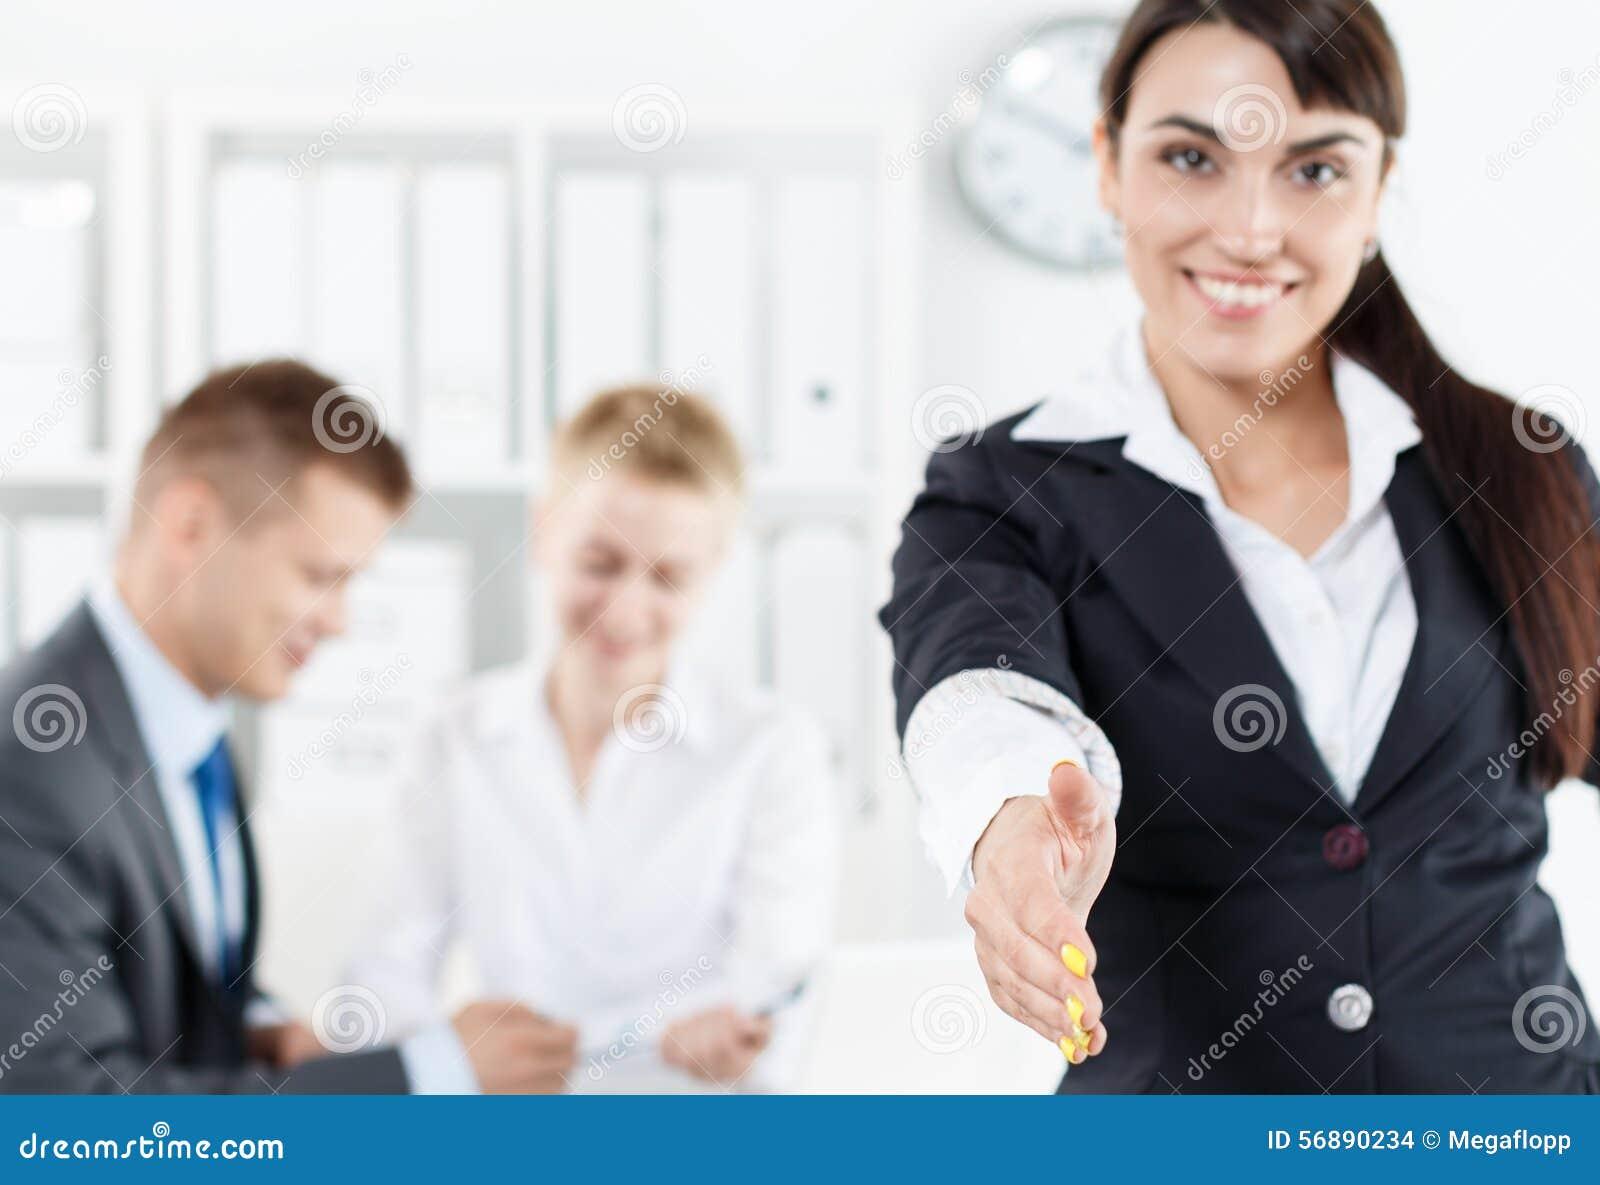 Saluto e gesto convenzionali di accoglienza